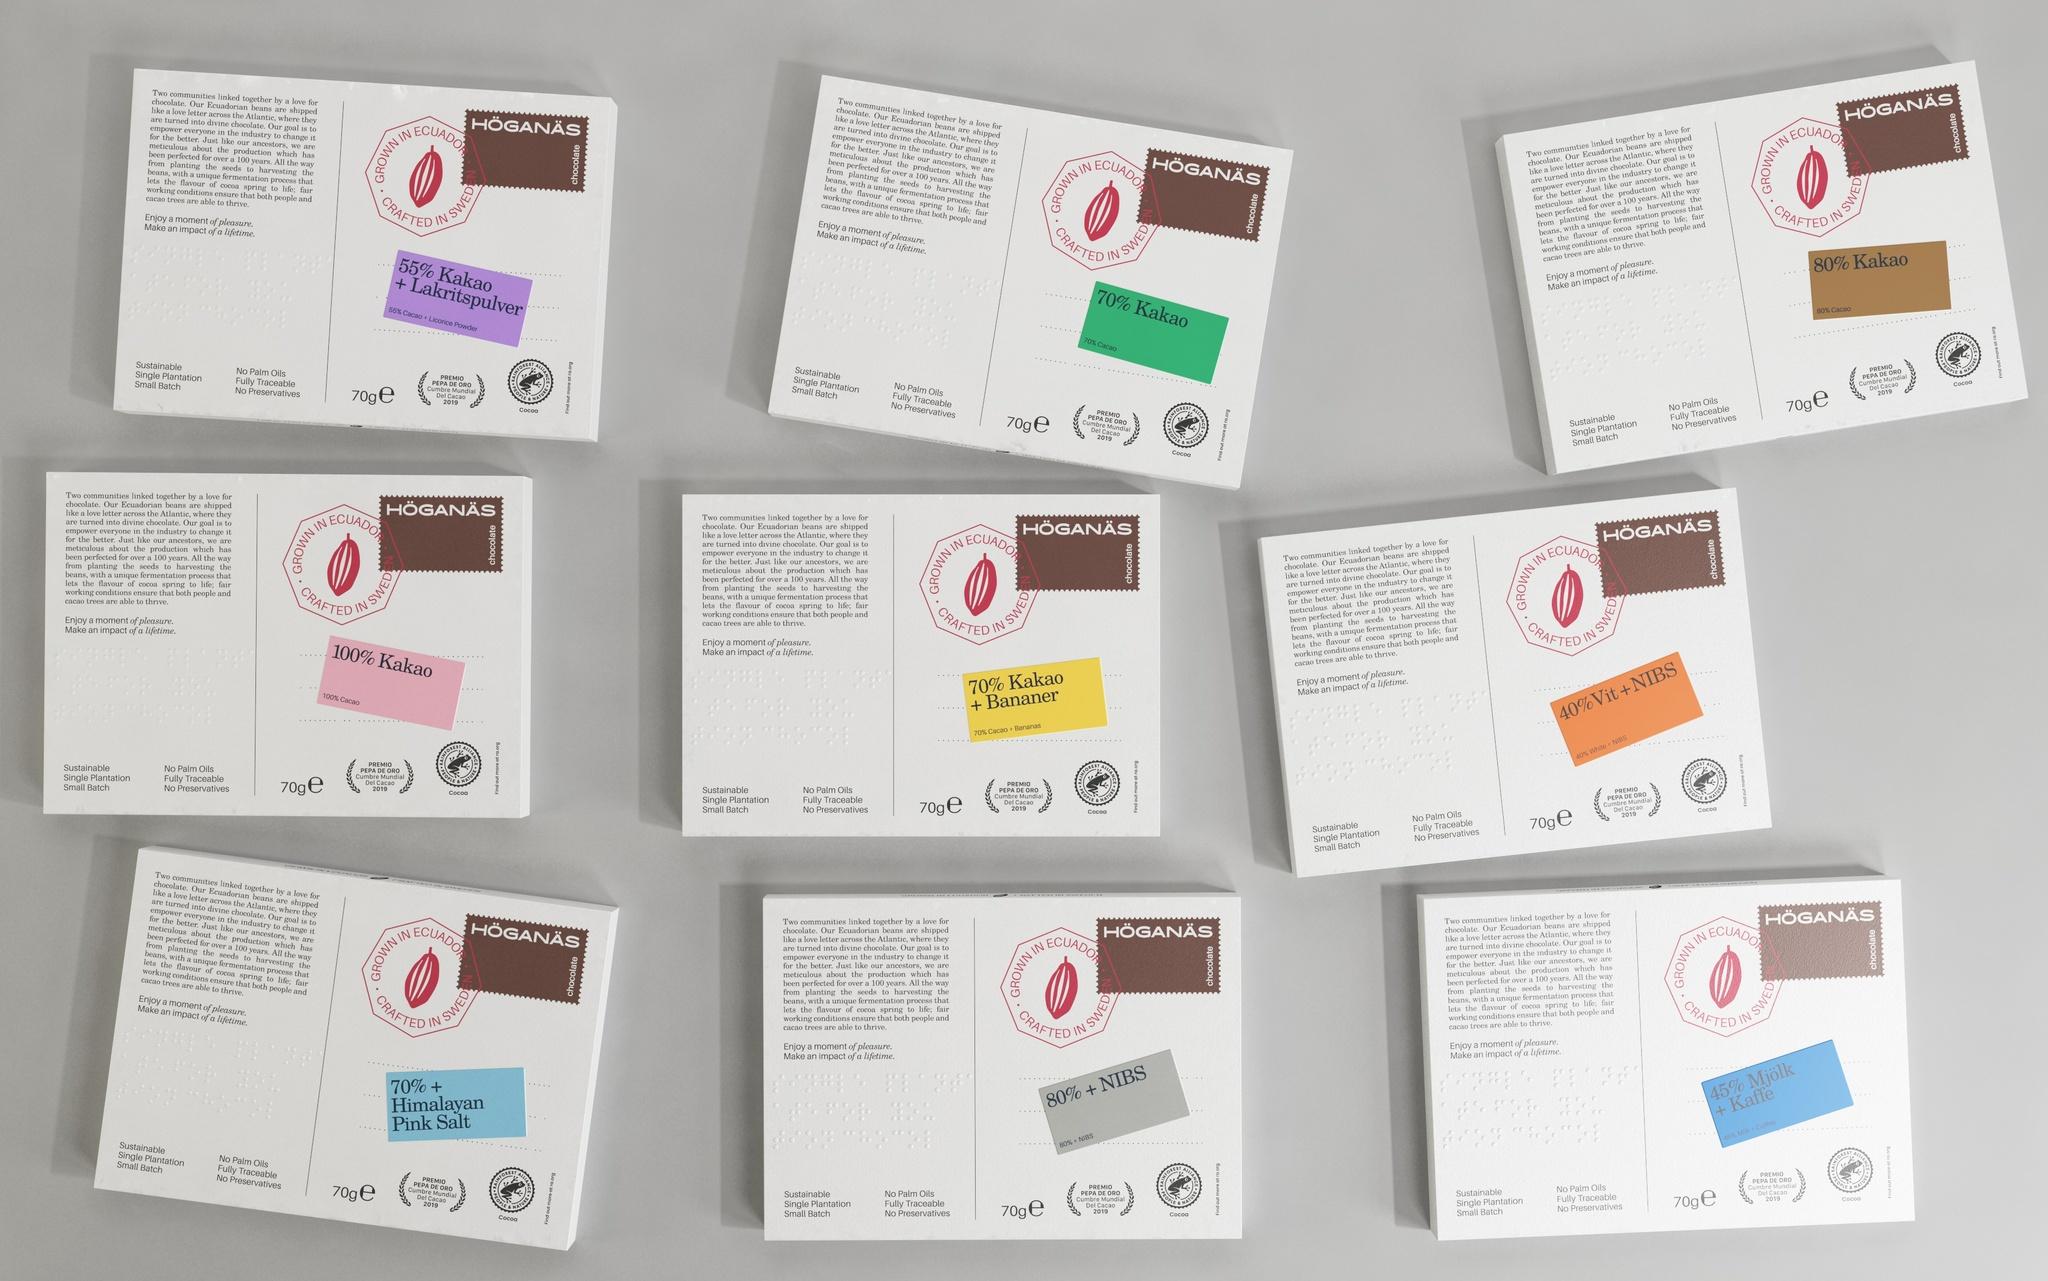 70% + Himalayasalt Höganäs Chocolate Kakor 70g